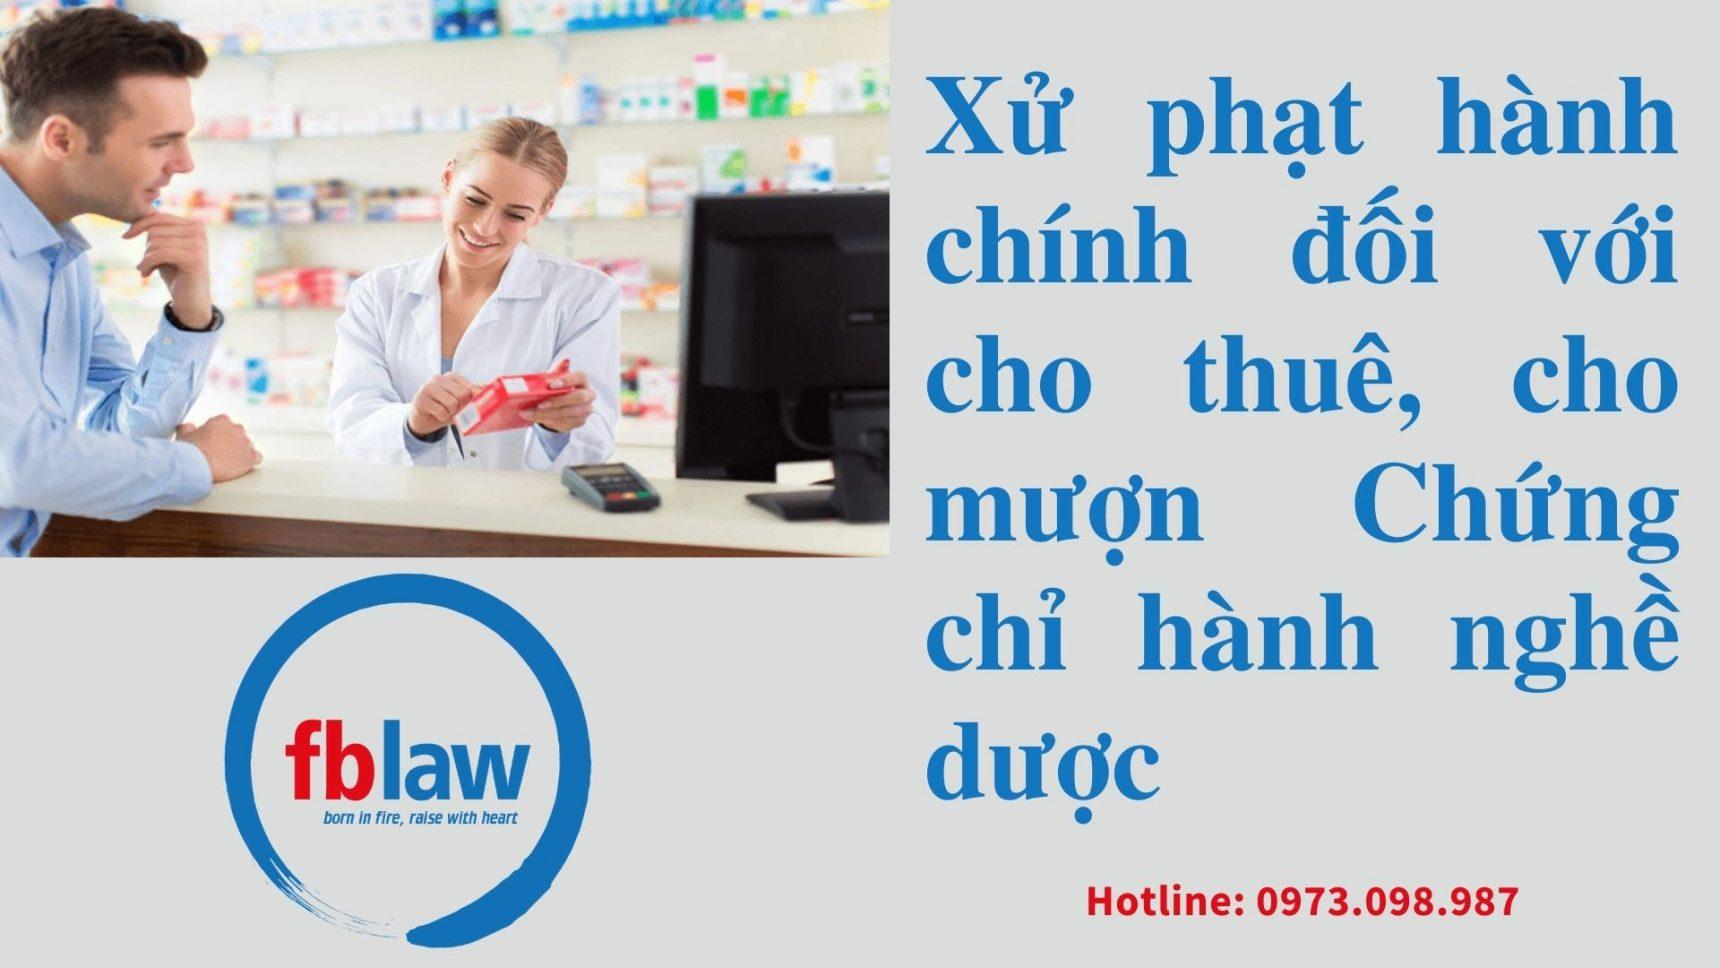 Xử phạt hành chính khi cho thuê chứng chỉ hành nghề dược